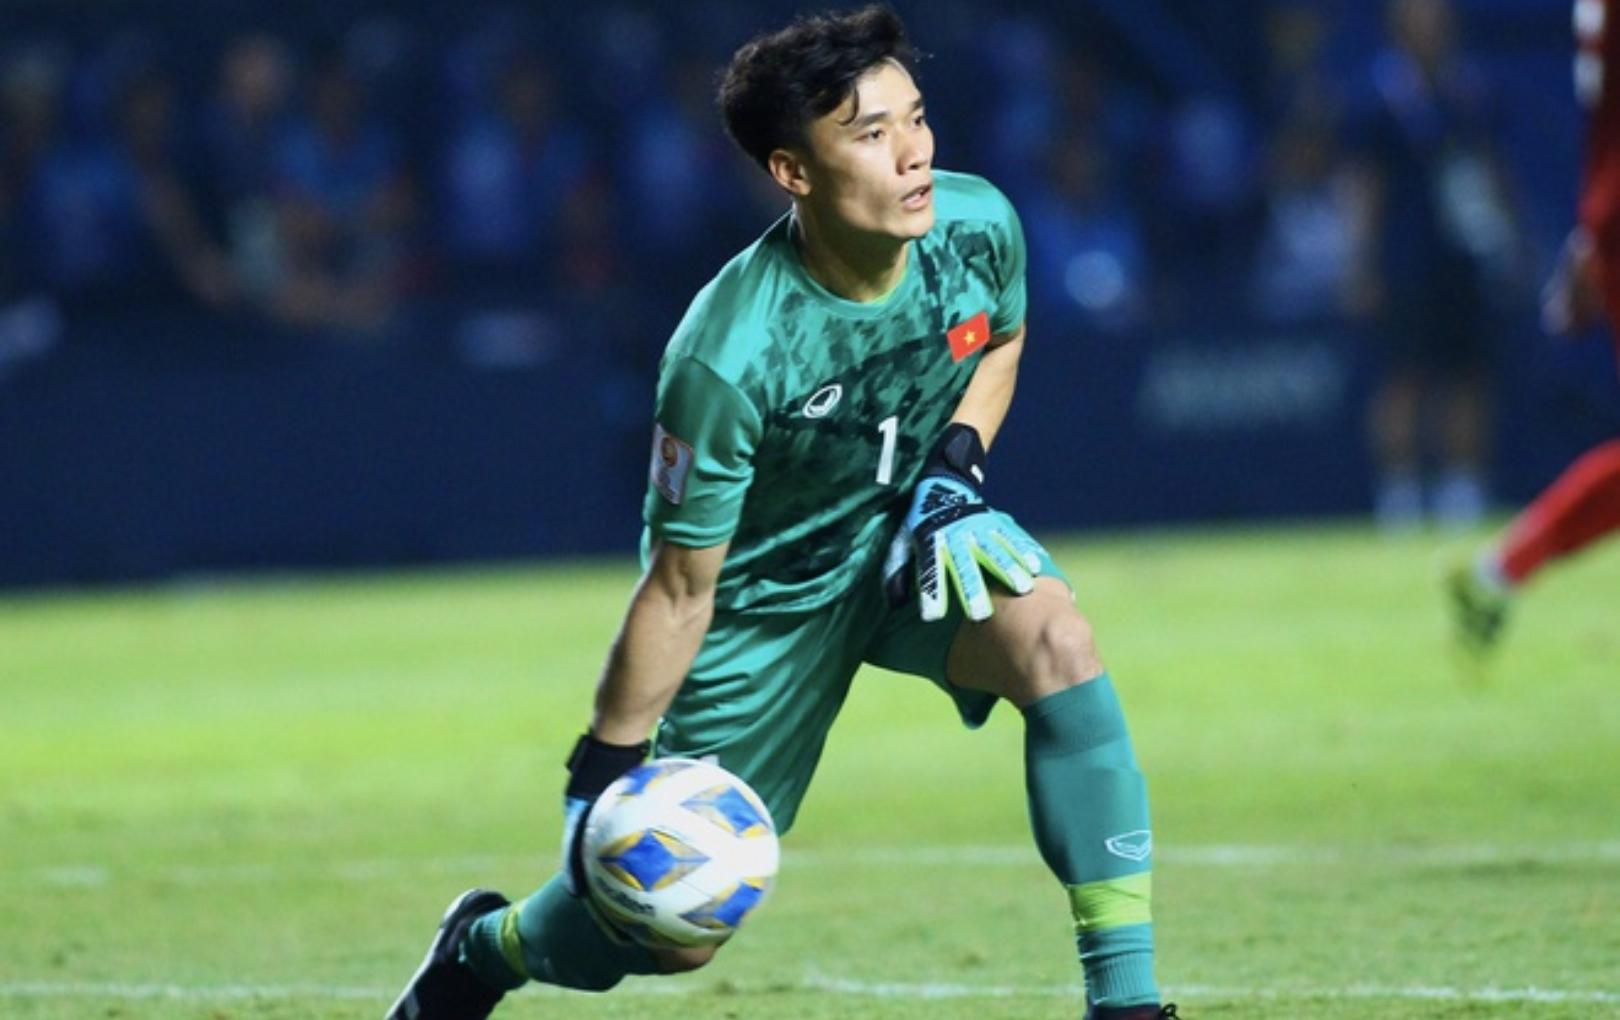 U23 Việt Nam hòa trận thứ 2 tại VCK giải châu Á, mất quyền tự quyết ở lượt trận cuối